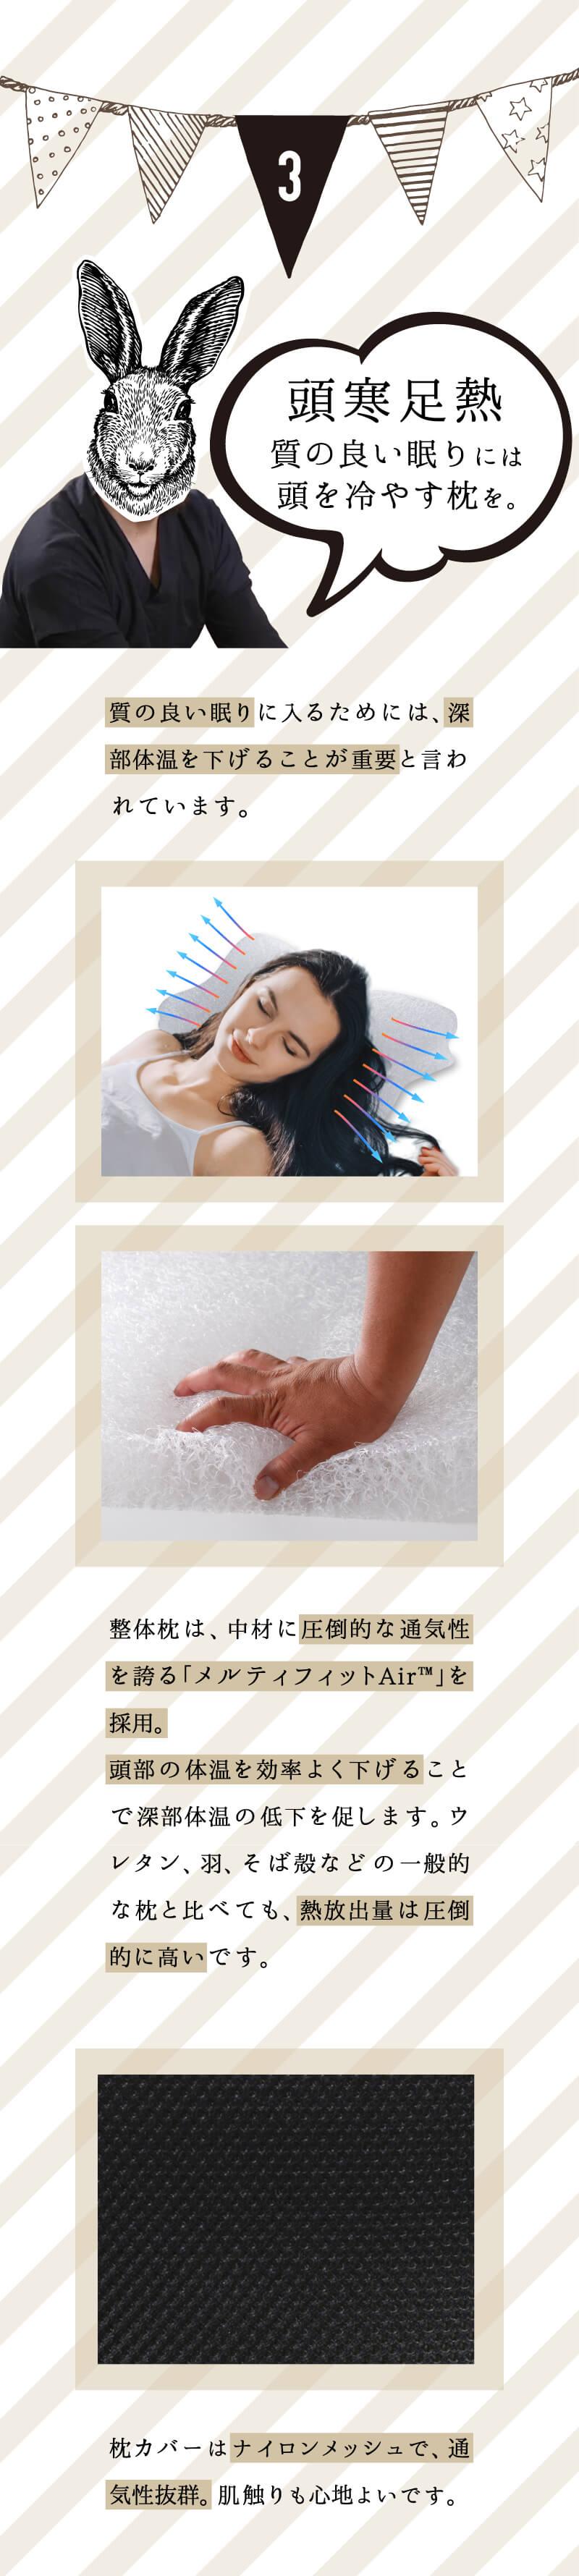 圧倒的通気性で熱を逃がし、質の良い睡眠へと導きます。